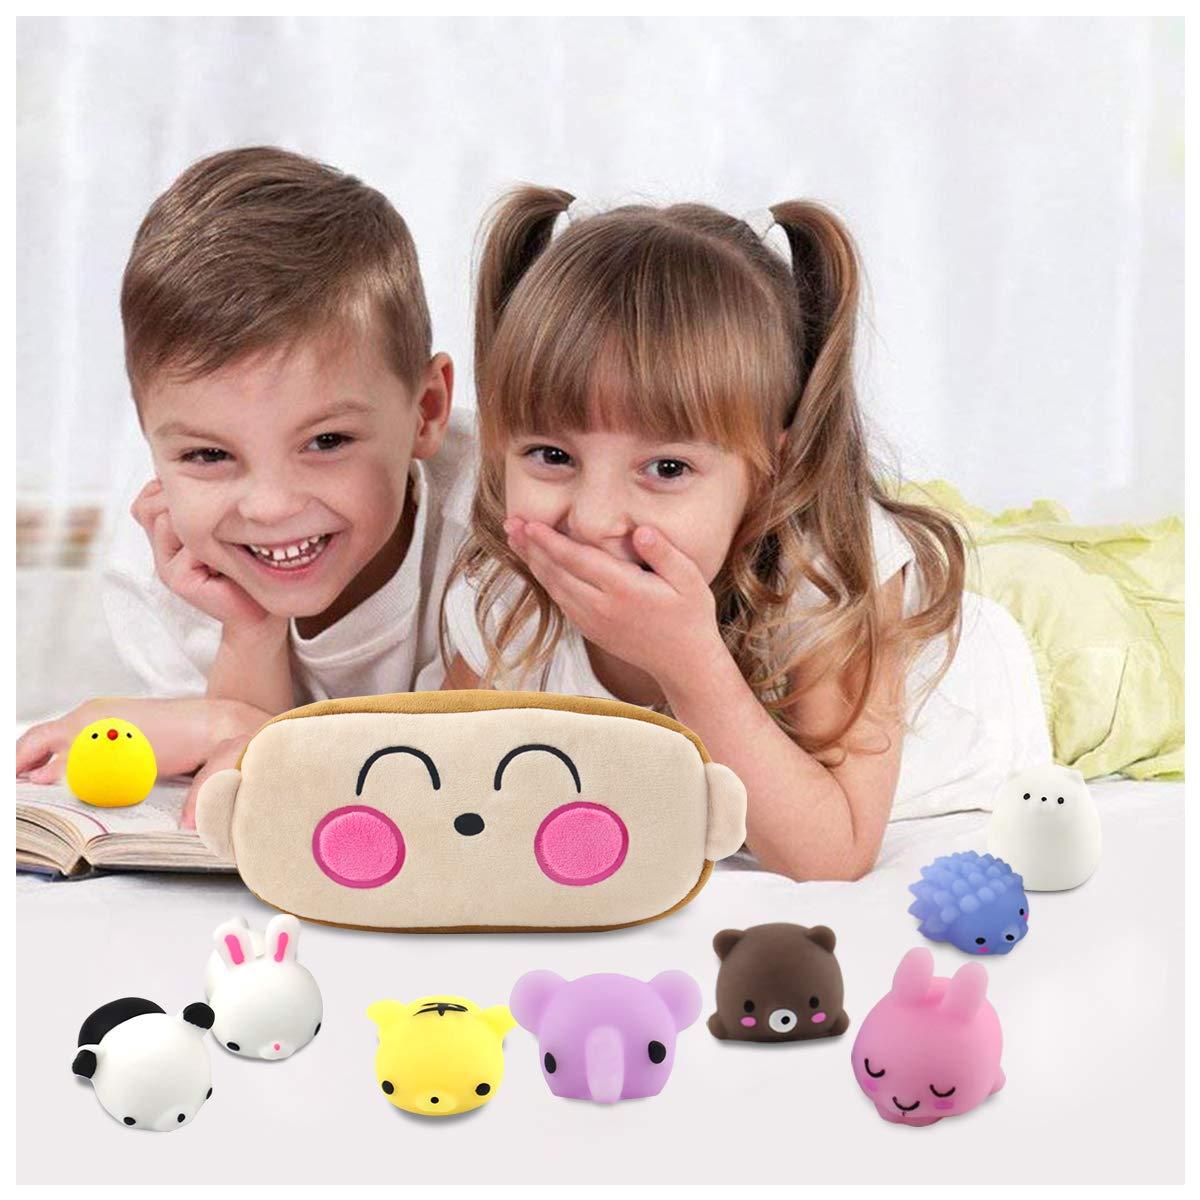 20 St/ück Mochi kreat/ürlich Squishies Set Kawaii Party Geschenke f/ür Kinder mit Kawaii Monkey Tragetasche Anti-Stress Squeeze Spielzeug f/ür Jungen und M/ädchen Conthfut Squishy Spielzeug